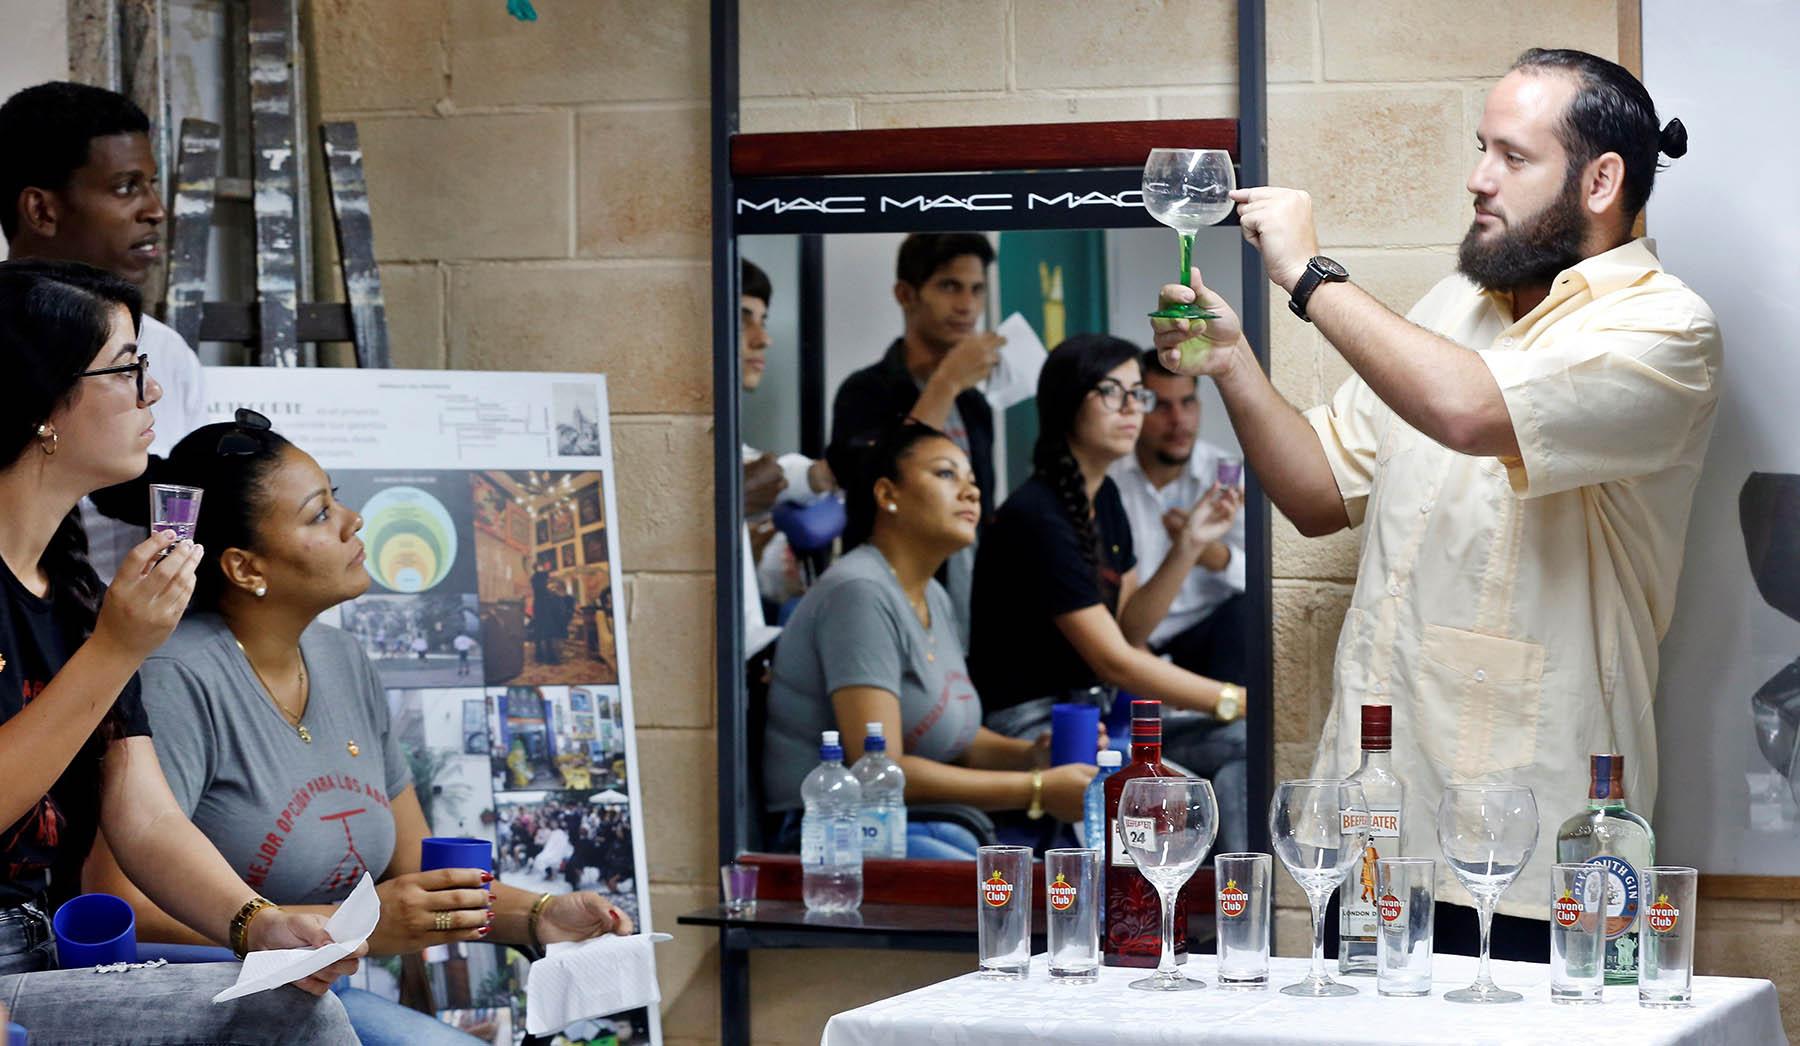 """Profesores y alumnos participan el jueves 31 de octubre en las clases sobre coctelería del proyecto comunitario """"Artecorte"""", en La Habana Vieja. Foto: Ernesto Mastrascusa / EFE."""